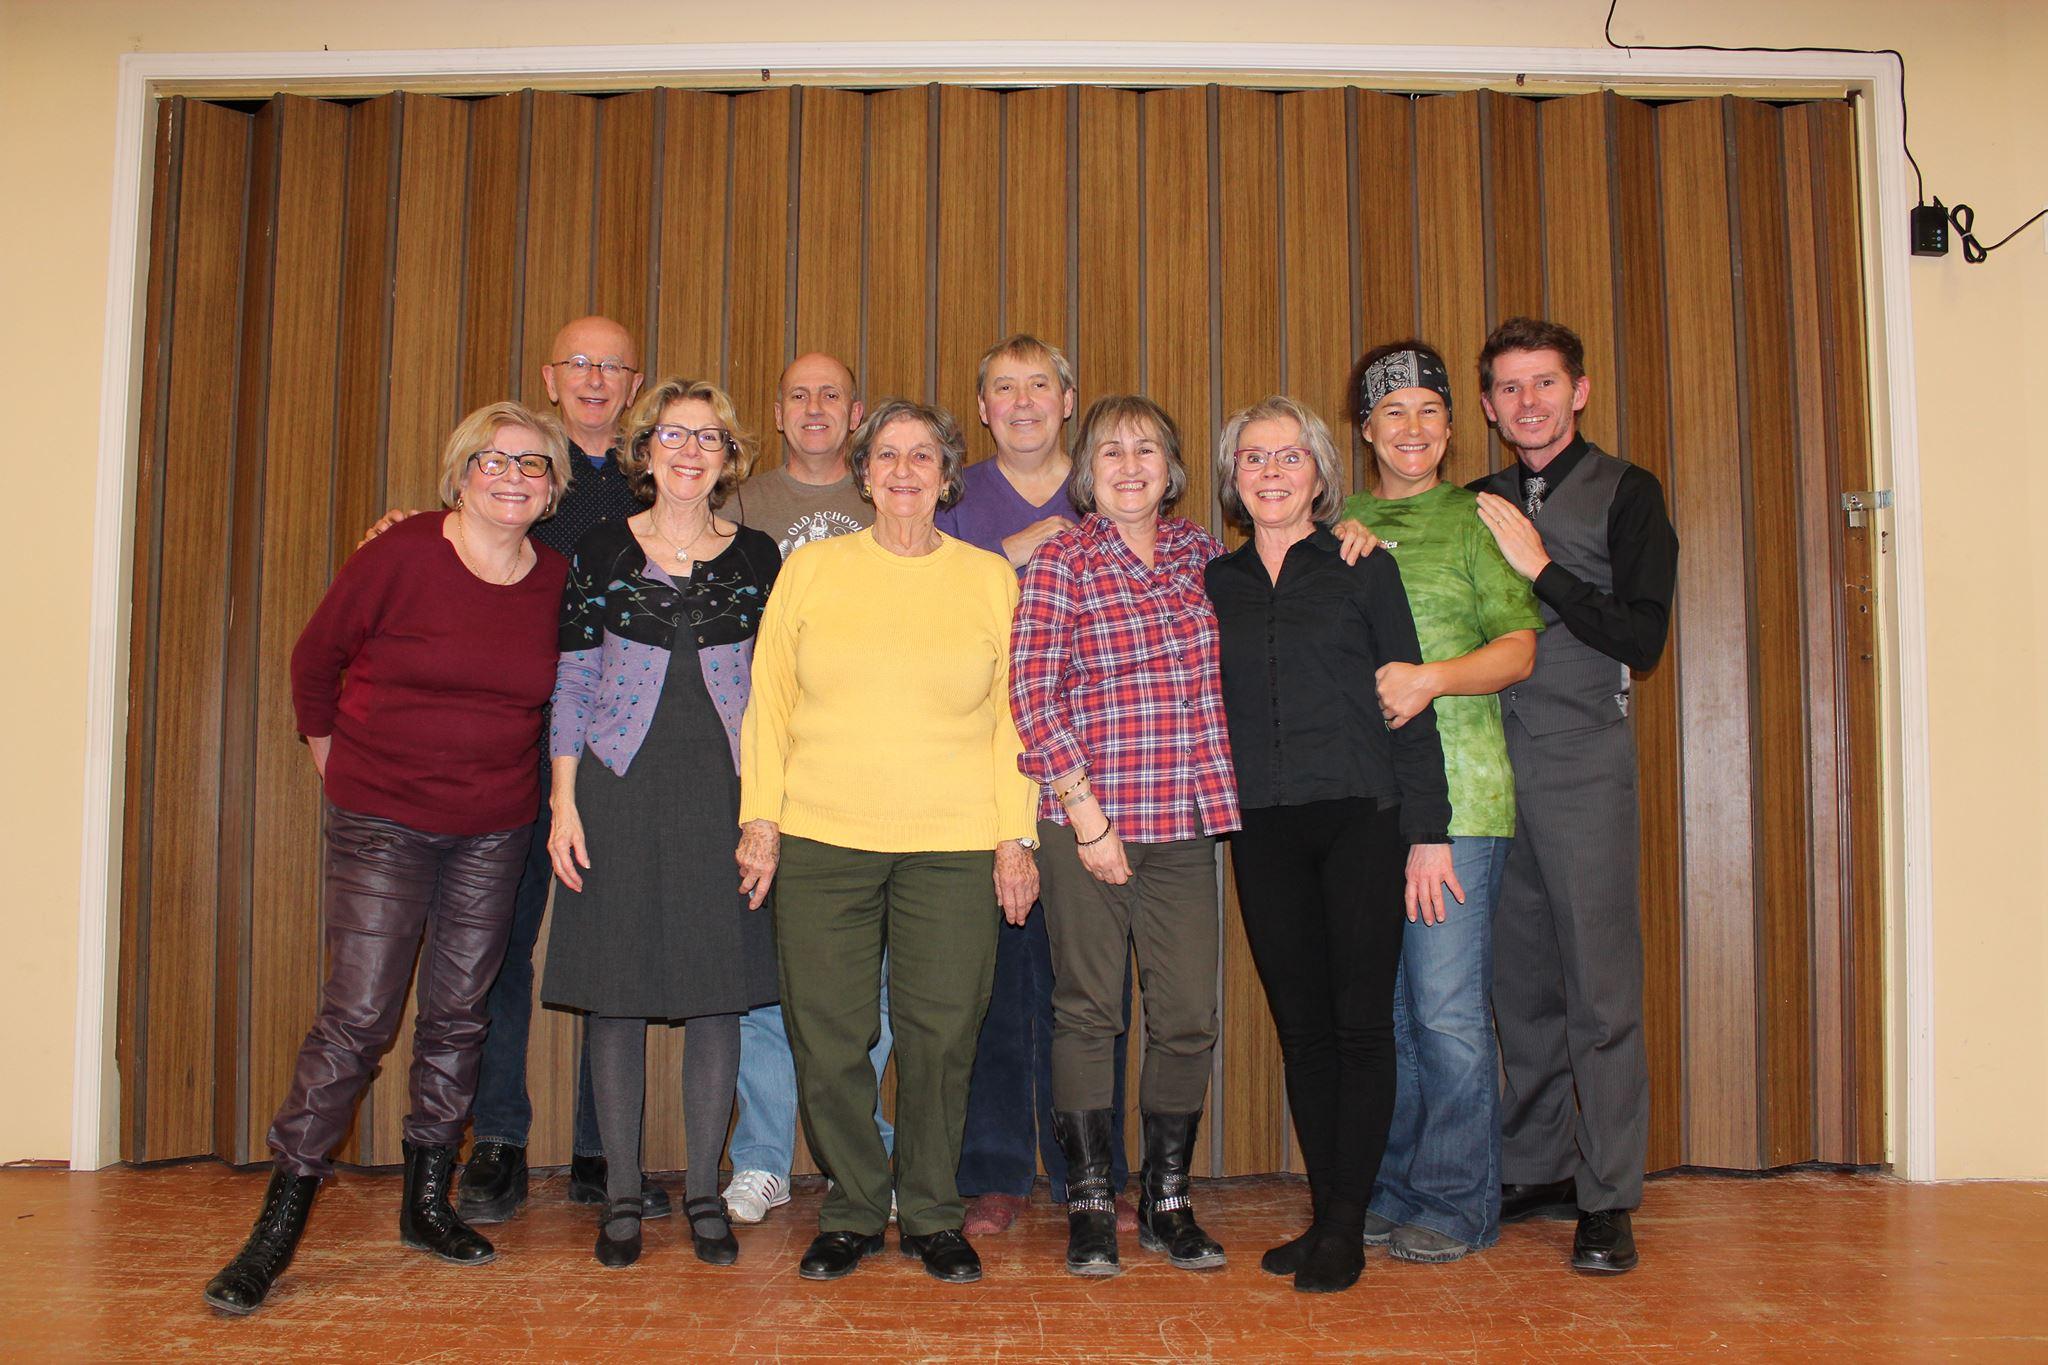 528d10ea93ab0 La troupe de théâtre Au Jour le Jour présente « Une pièce en pièces ...